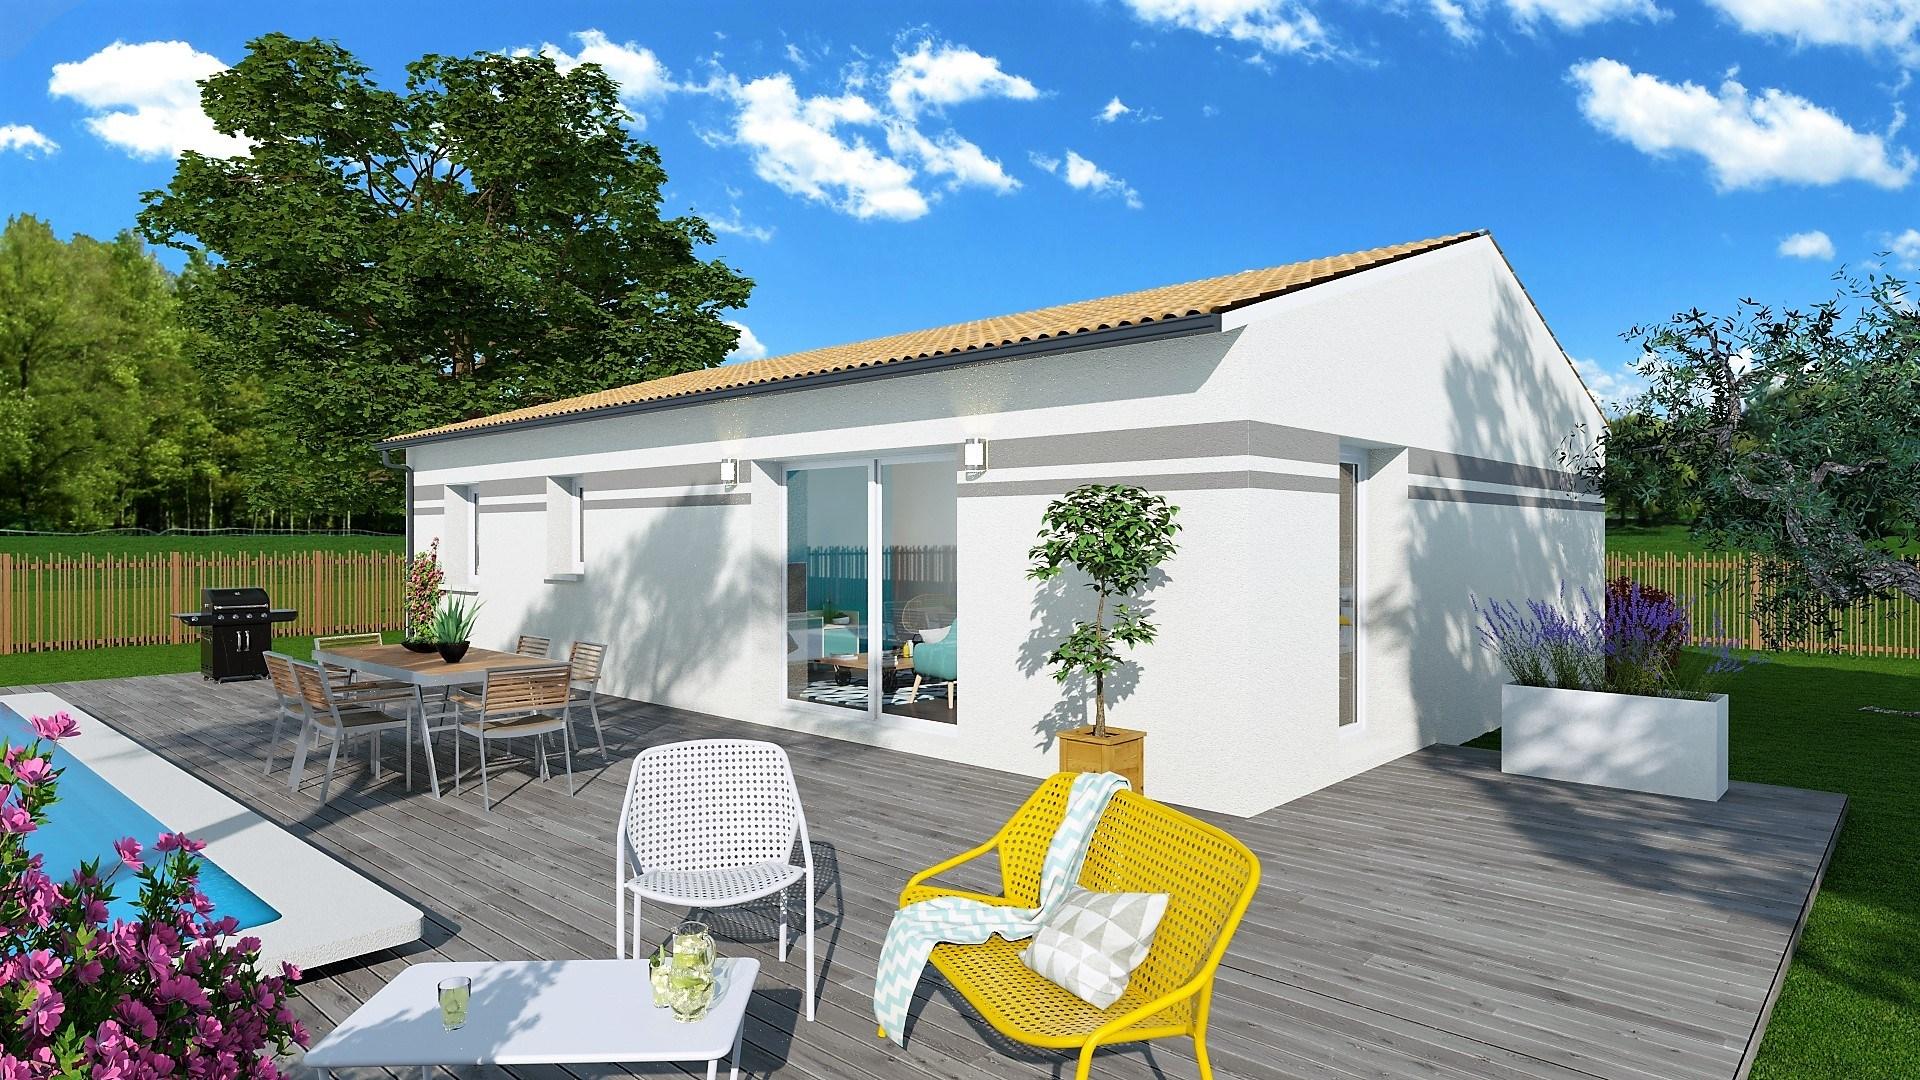 Maison et terrain constructible à Aire-sur-l'Adour